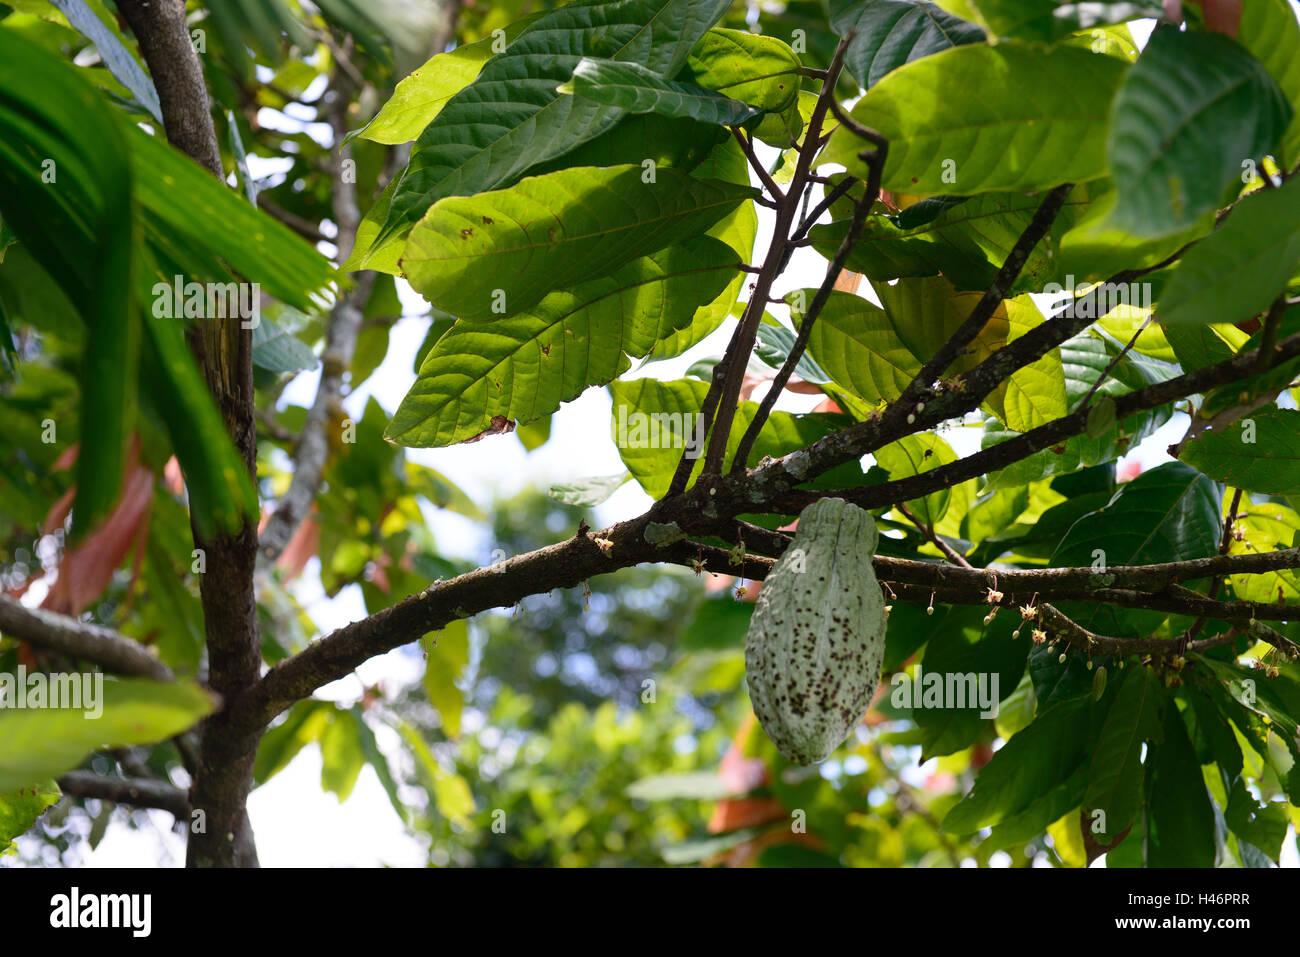 Kakaofrucht |Cocoa fruit - Stock Image